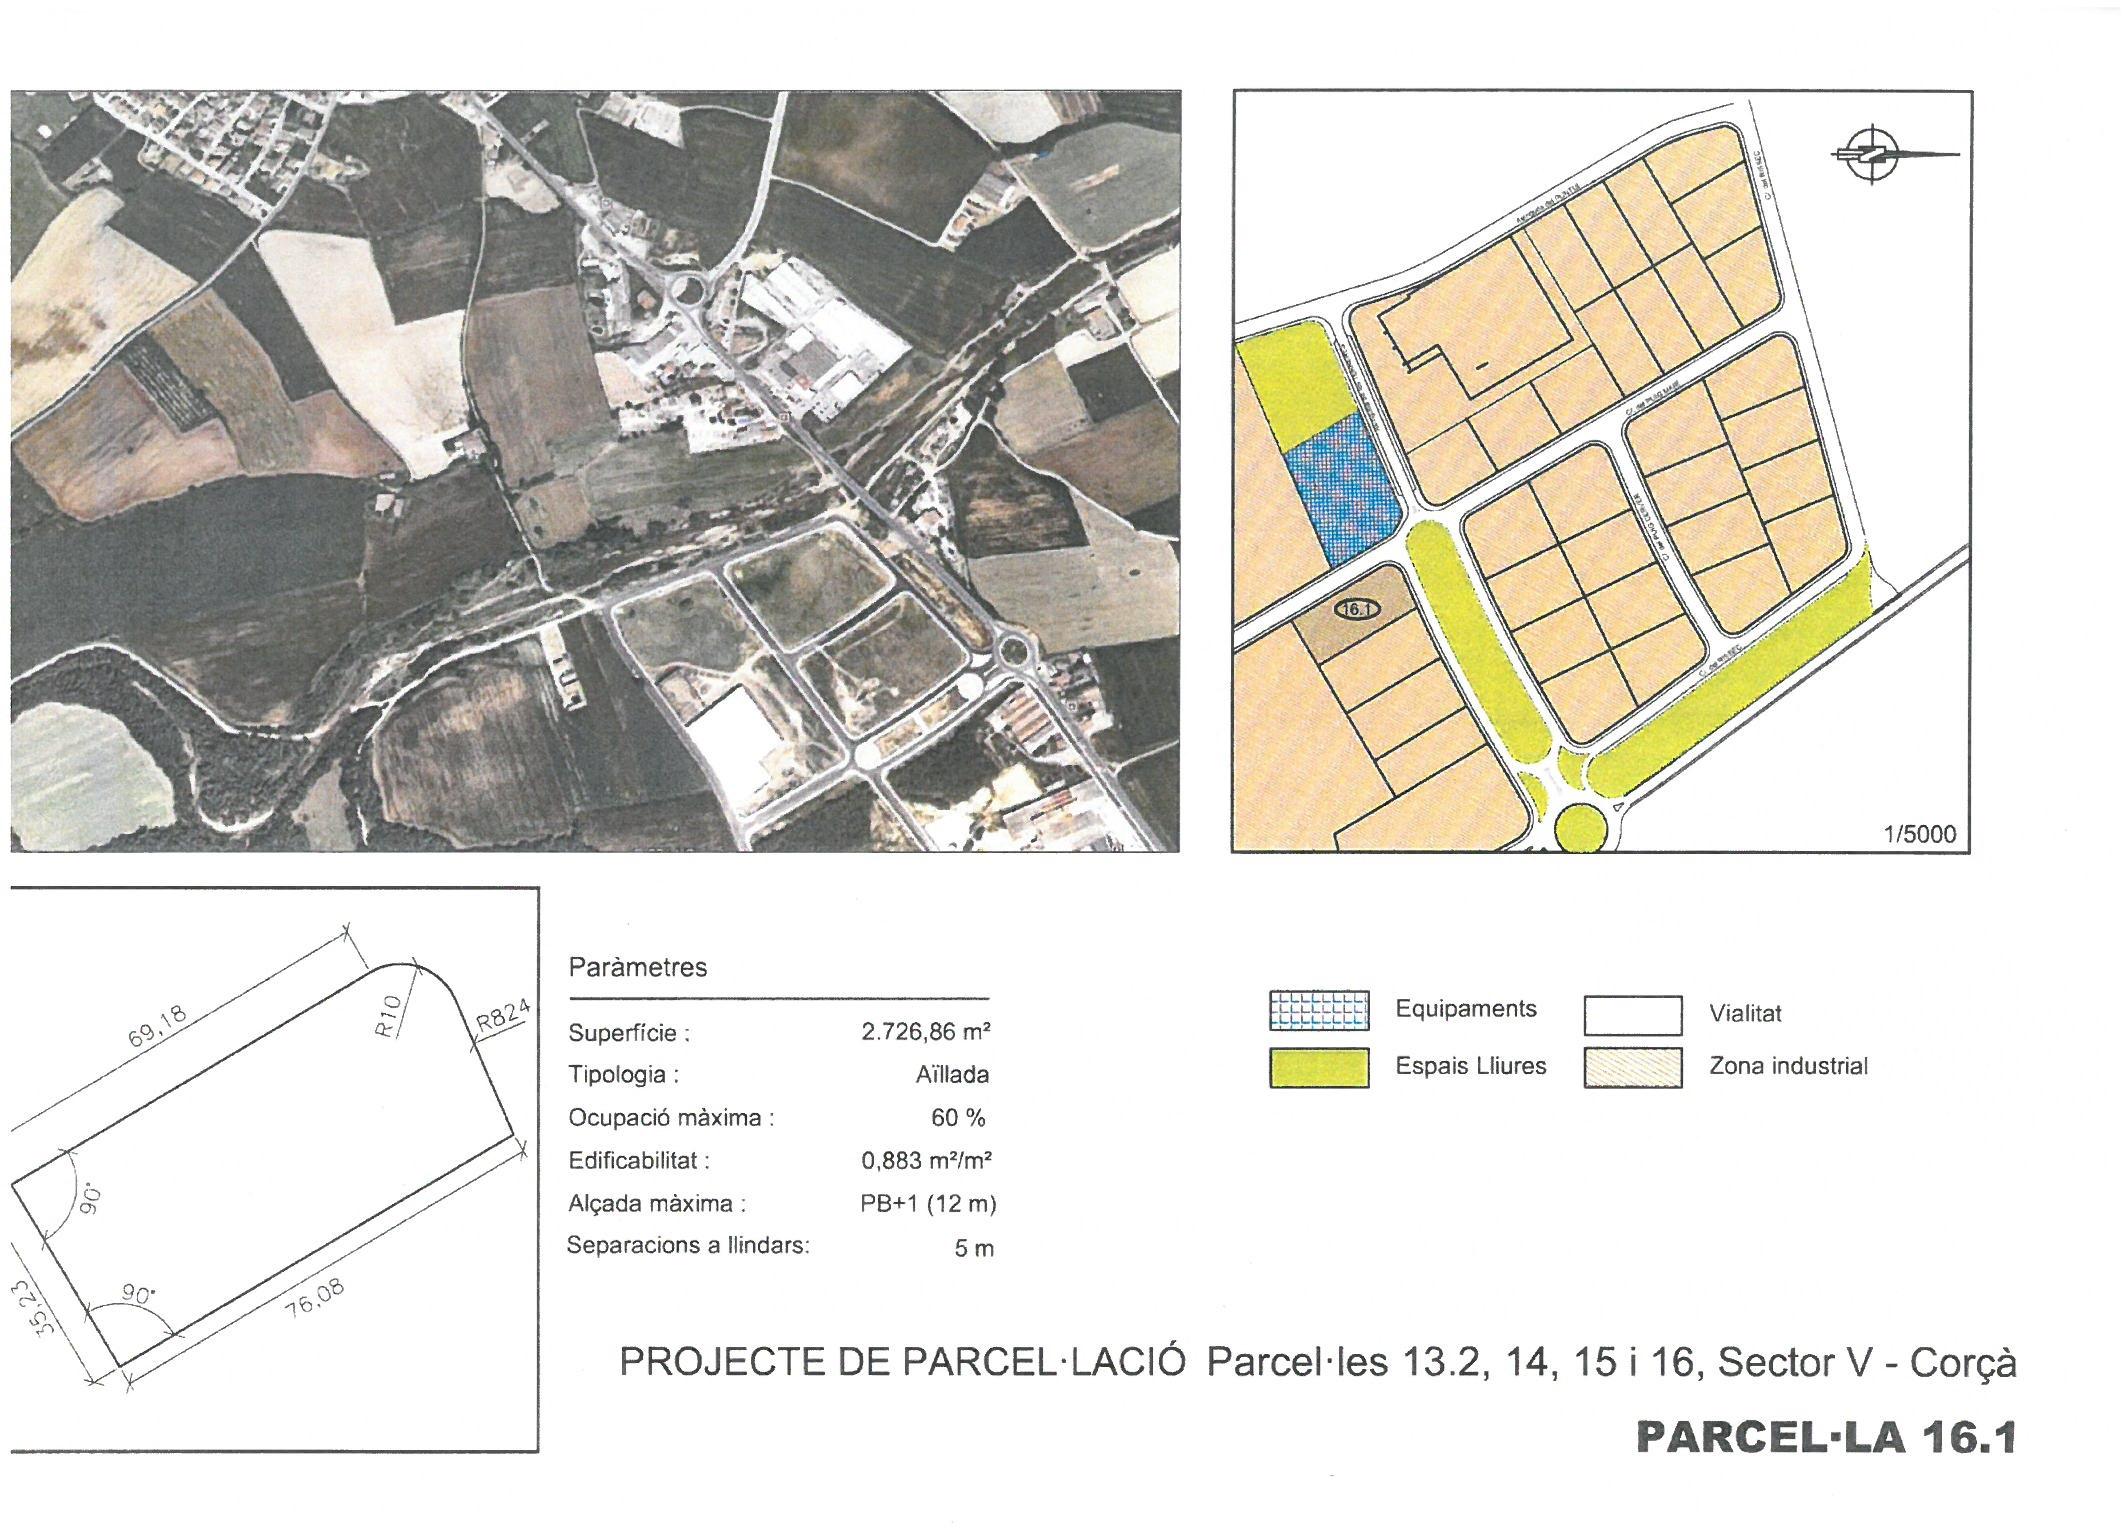 Terme municipal de Corcà, parcel•la 16.1